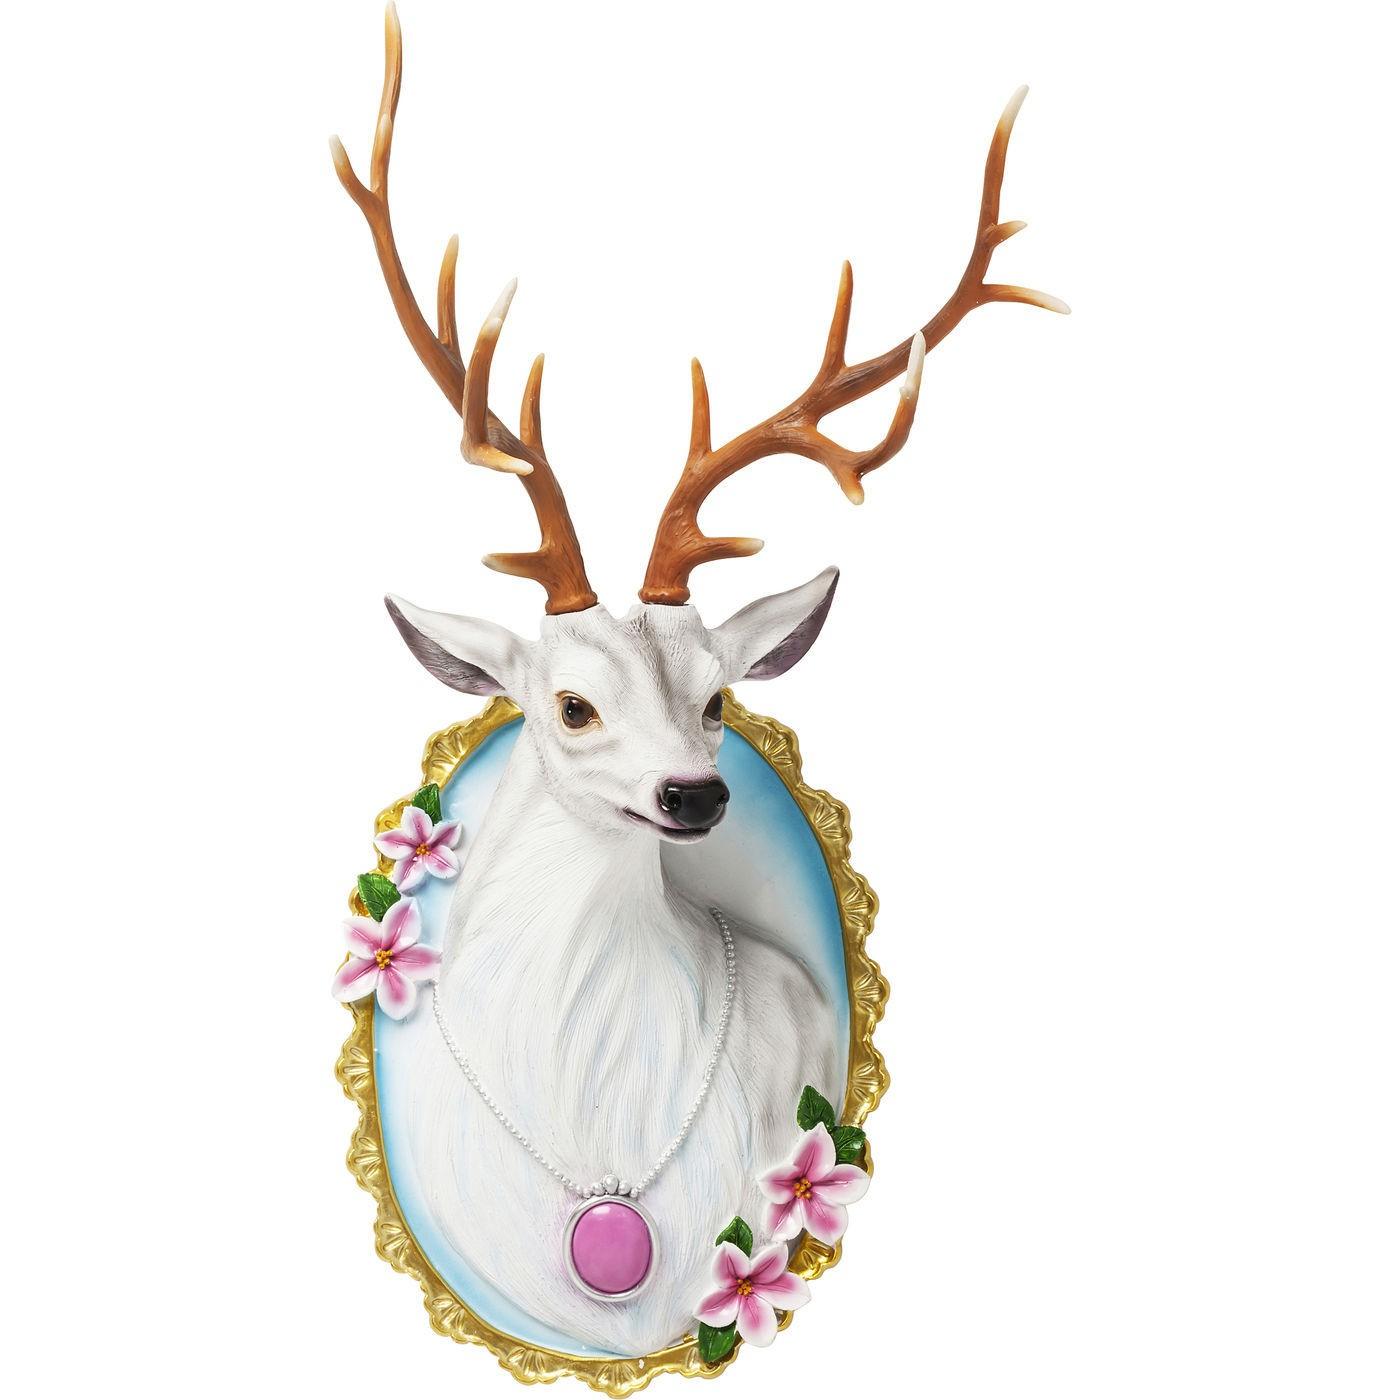 Billede af Vægdekoration Antler Deer Medallion